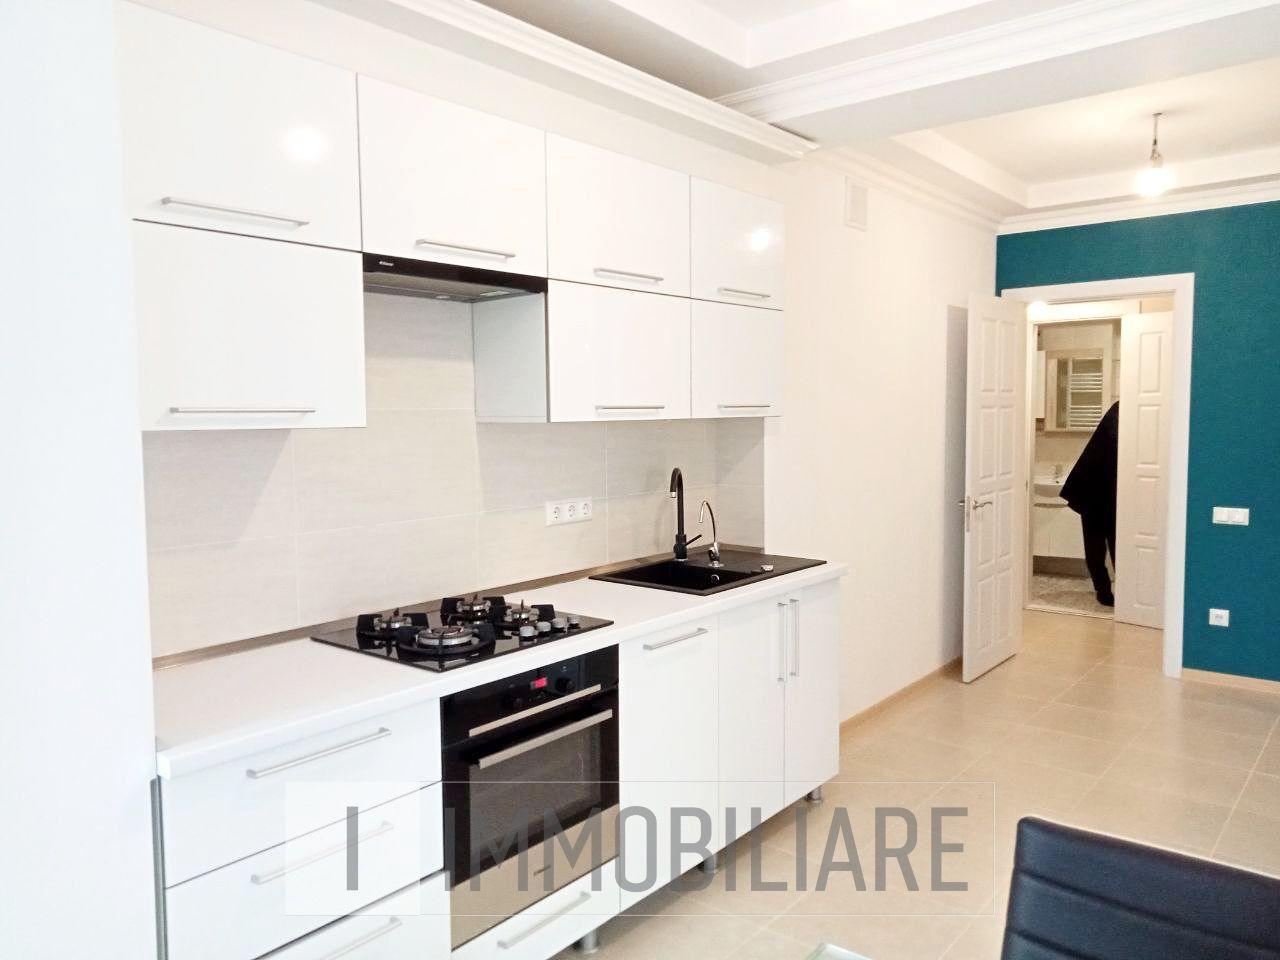 Apartament cu 2 camere+living, sect. Centru, str. Columna.